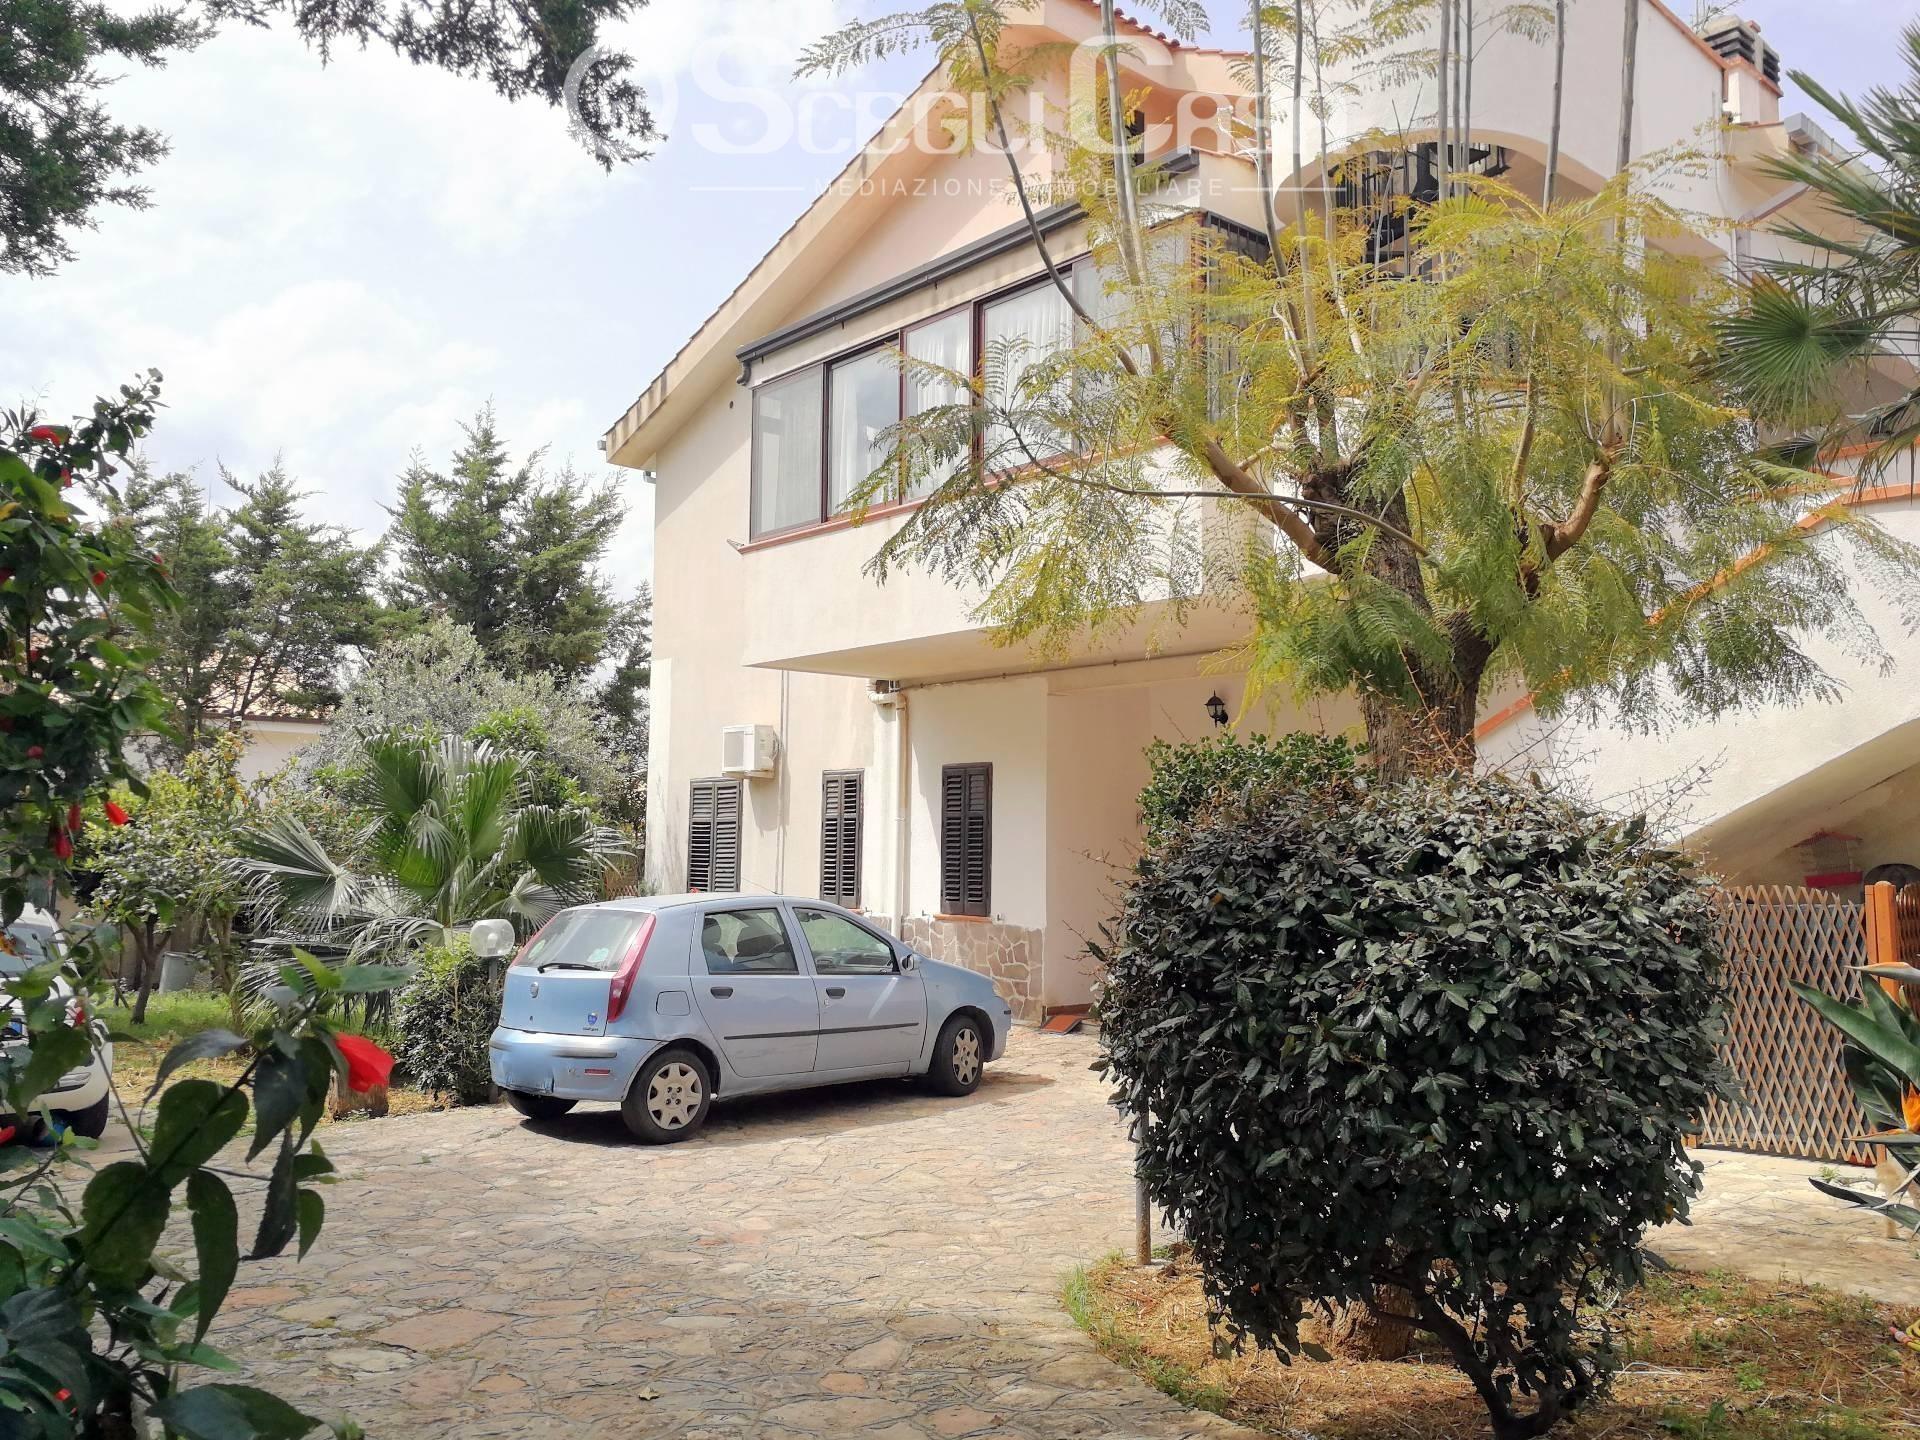 Villa in vendita a Capaci, 8 locali, prezzo € 295.000 | CambioCasa.it